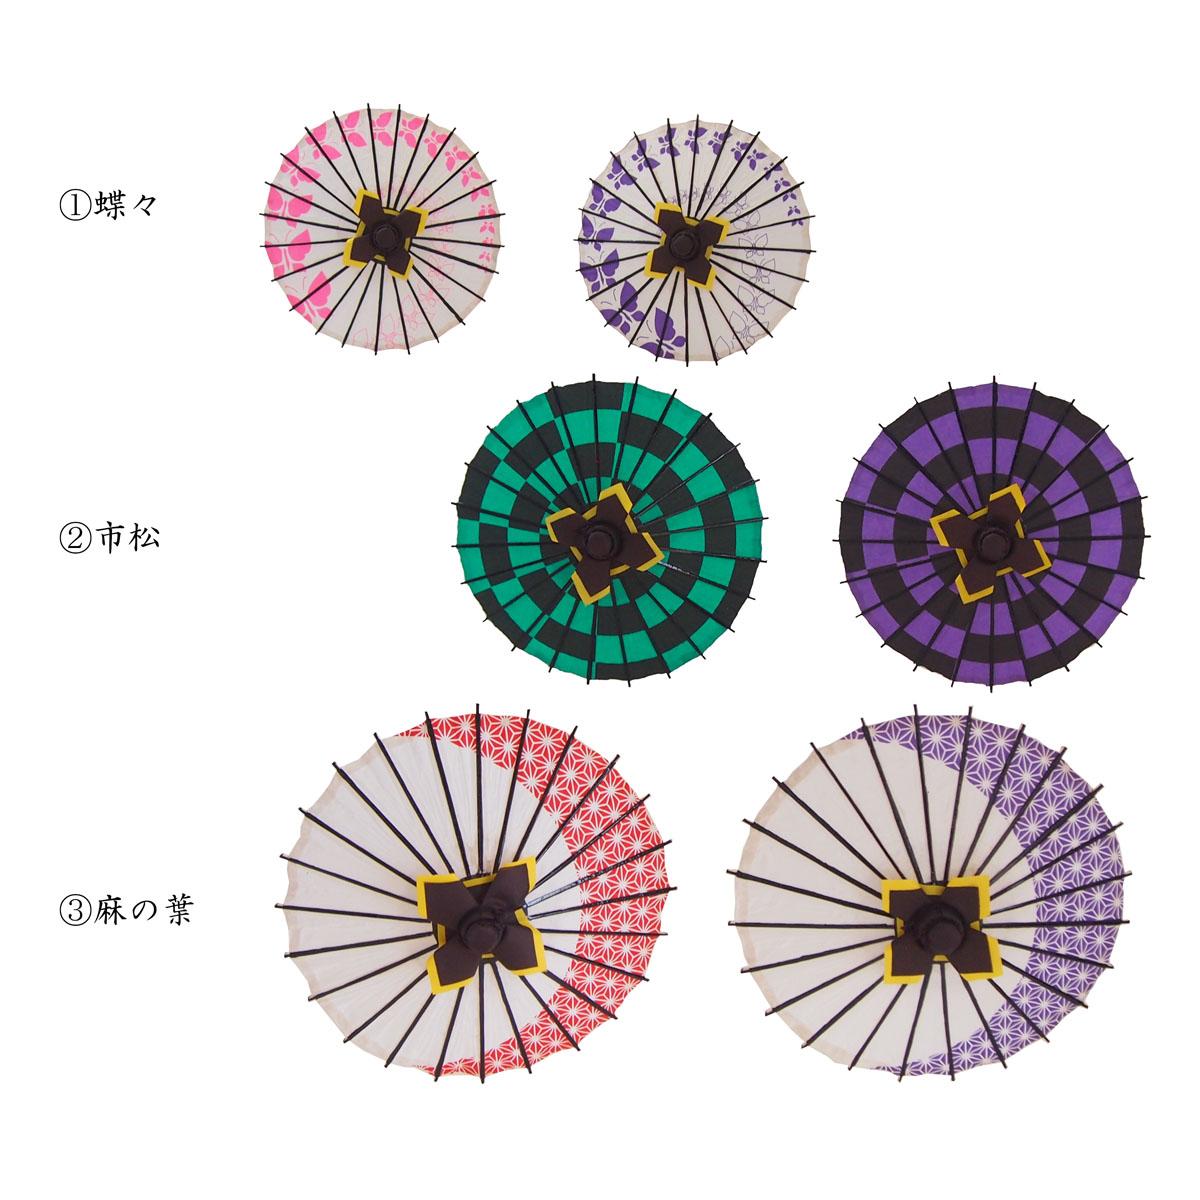 飾りミニ傘